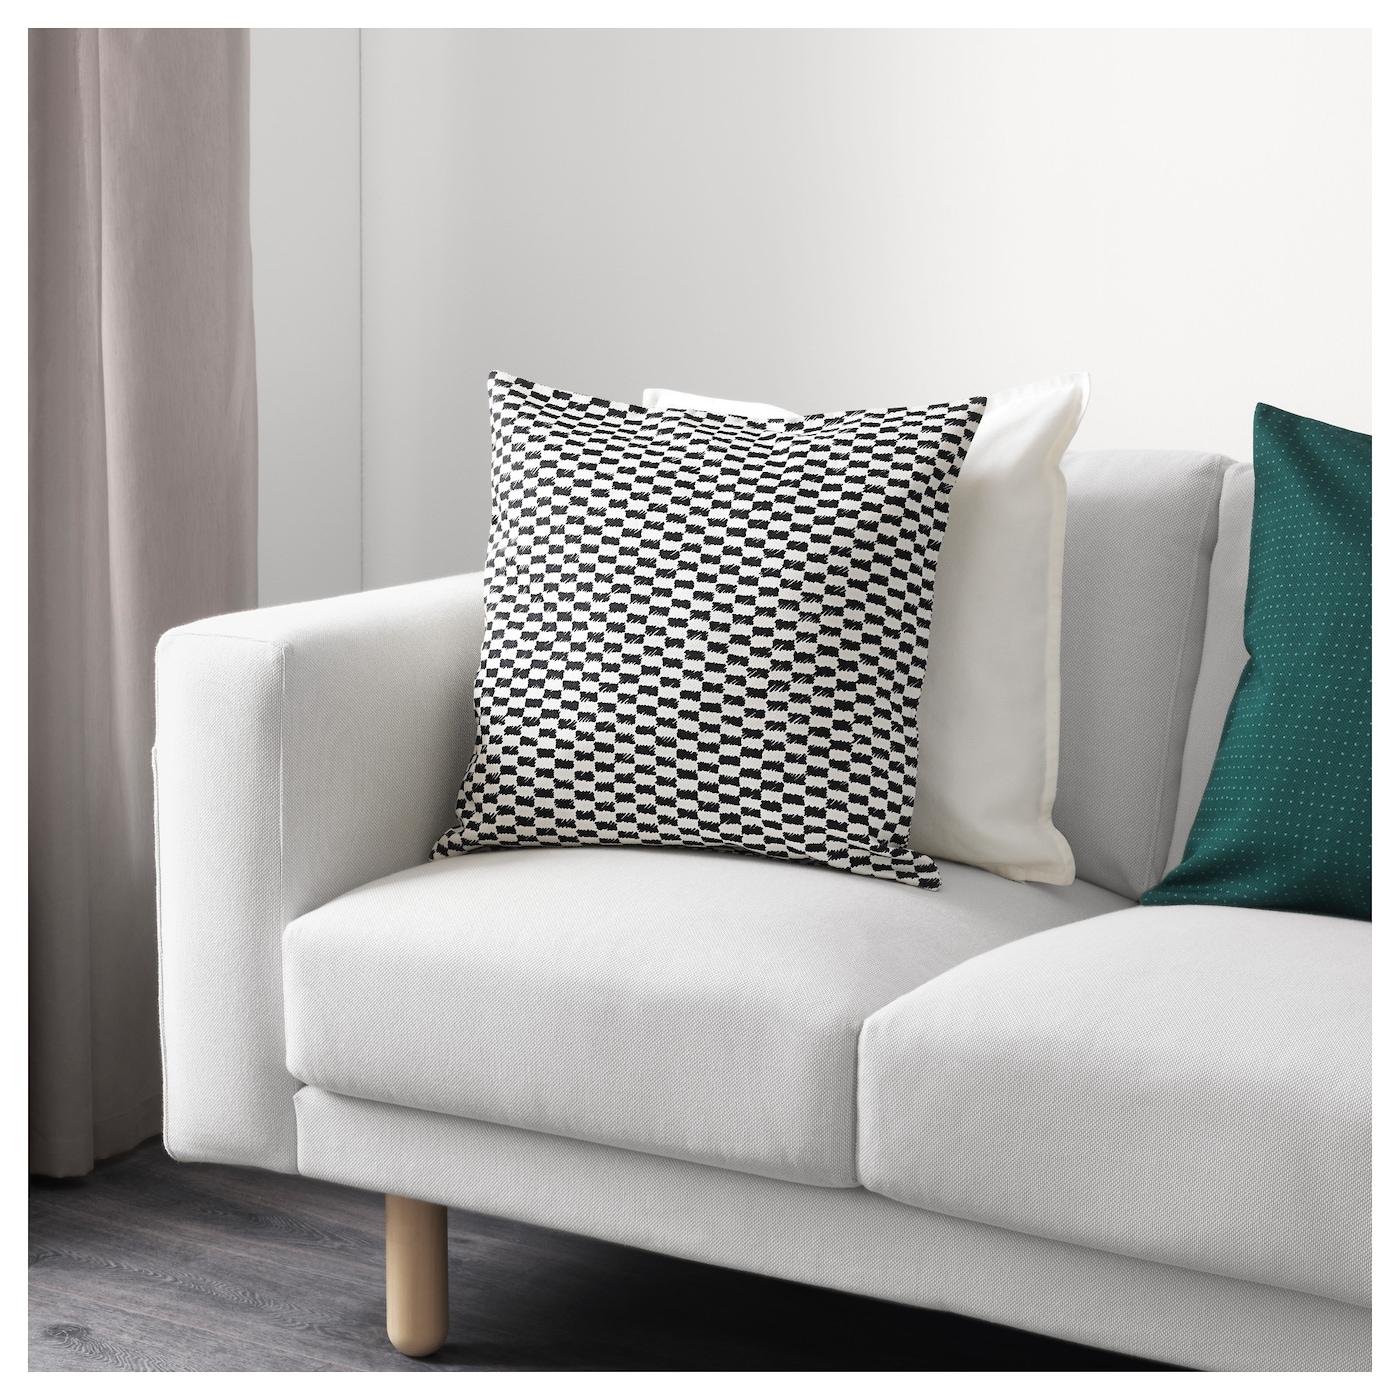 ypperlig housse de coussin noir blanc 50 x 50 cm ikea. Black Bedroom Furniture Sets. Home Design Ideas